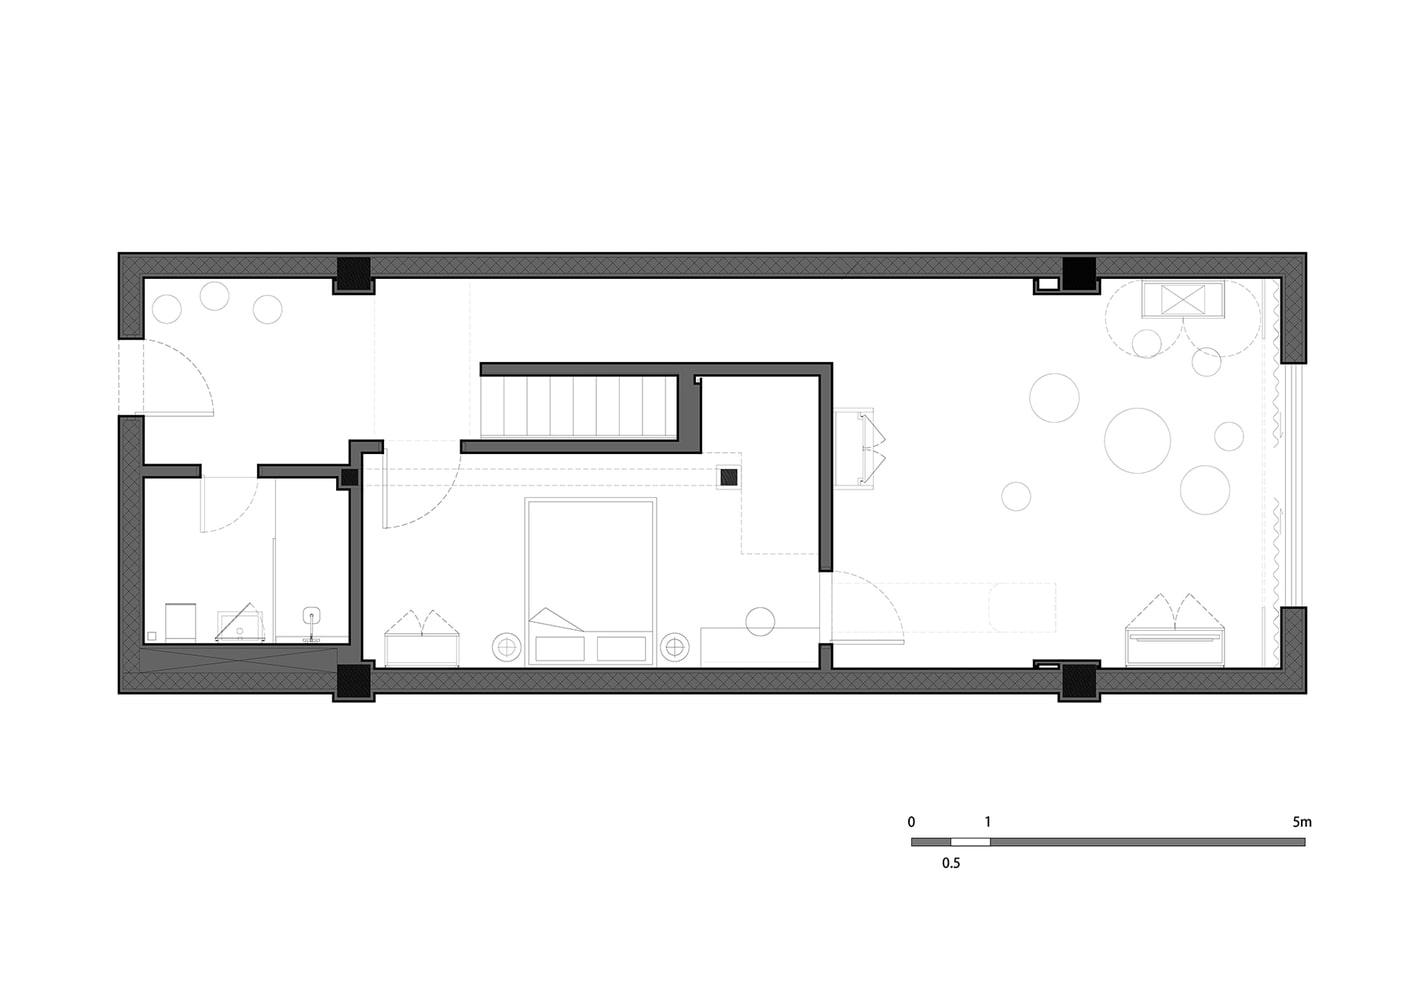 طراحی پلان هتل با فضاهایی مرموز